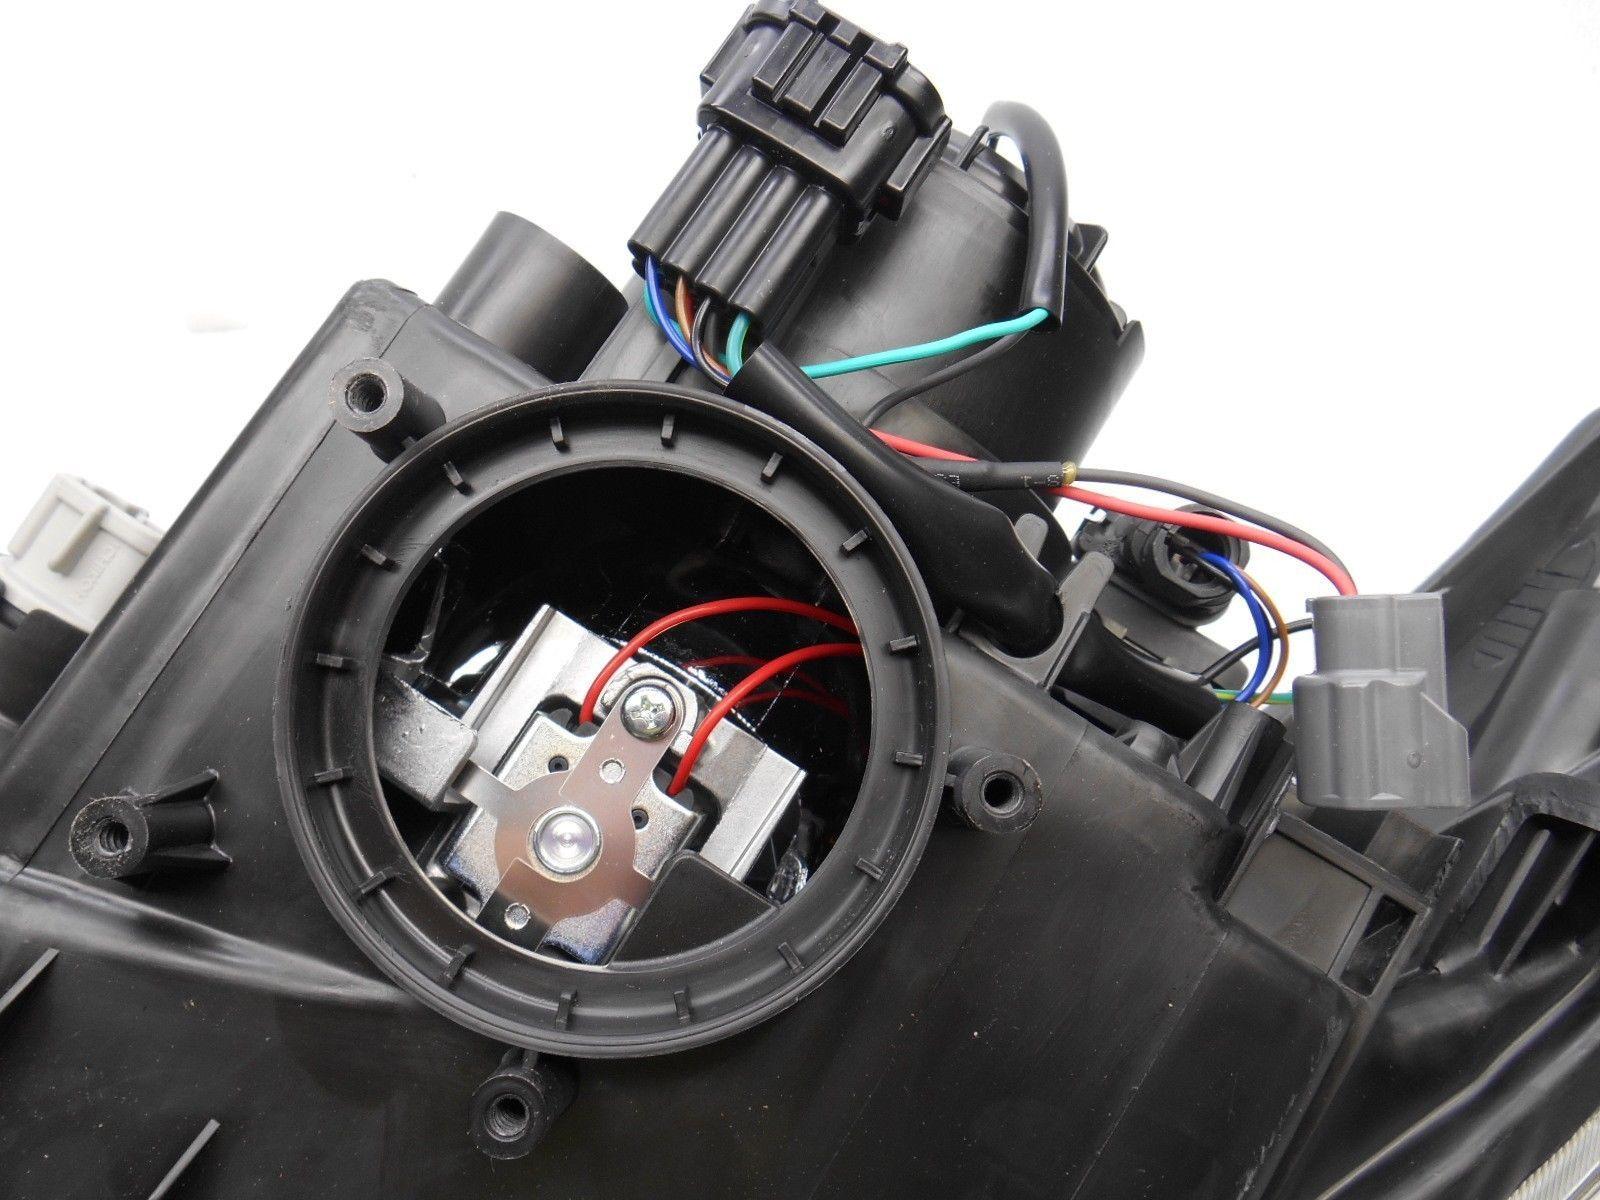 New Oem Right Hid Headlight Infiniti Fx 35 Fx 45 Clear